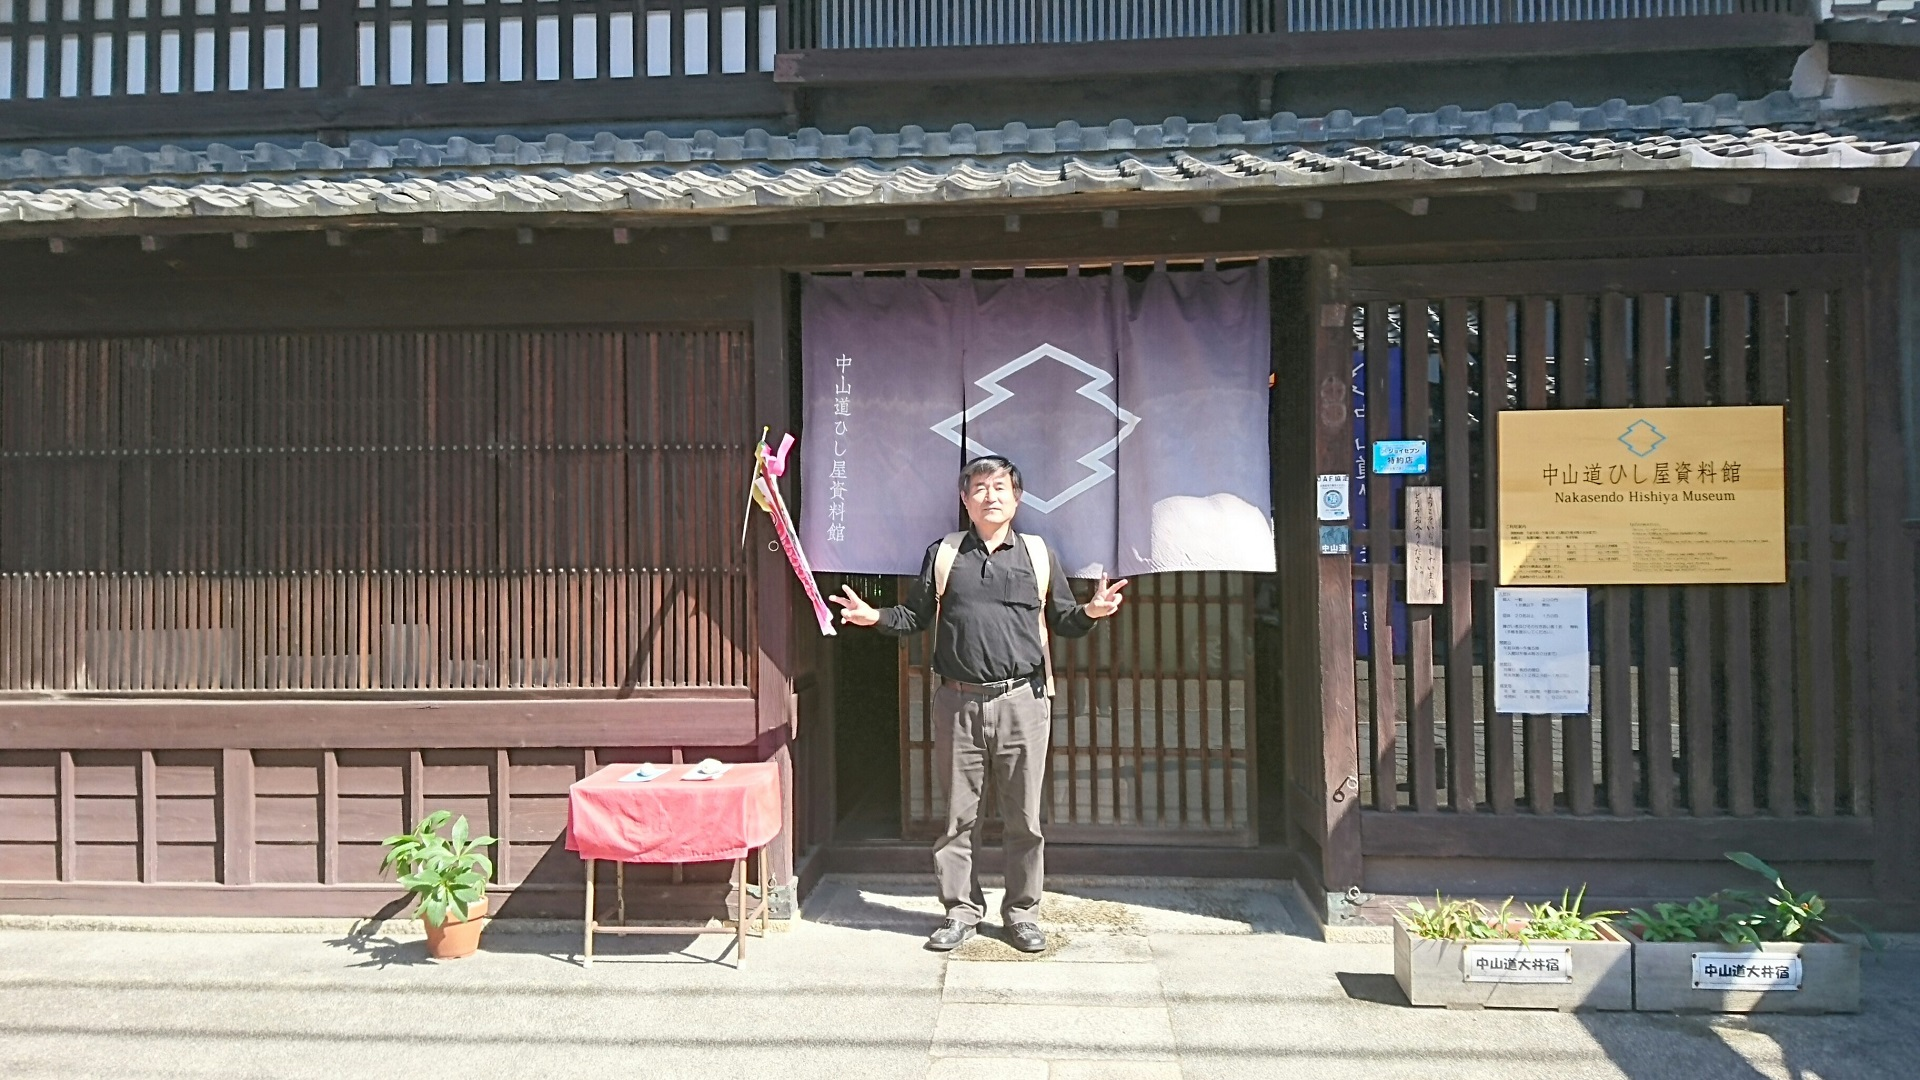 2017.5.19 大井 (75) 中山道ひし屋資料館 - 玄関で記念さつえい 1920-1080